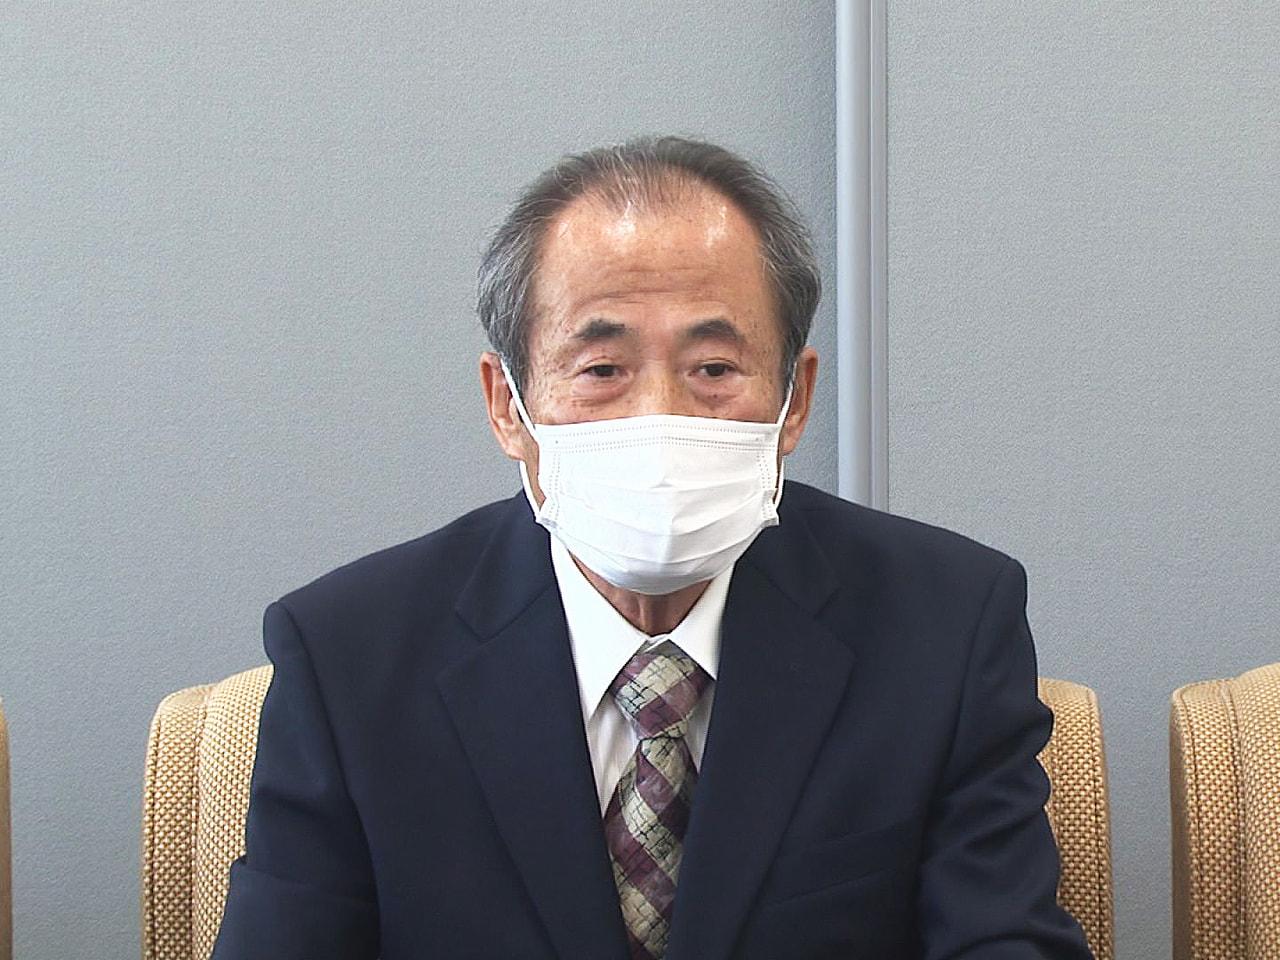 任期満了に伴い、4月行われる大垣市長選挙に、新人で元市議会議員の富田清治さん(7...